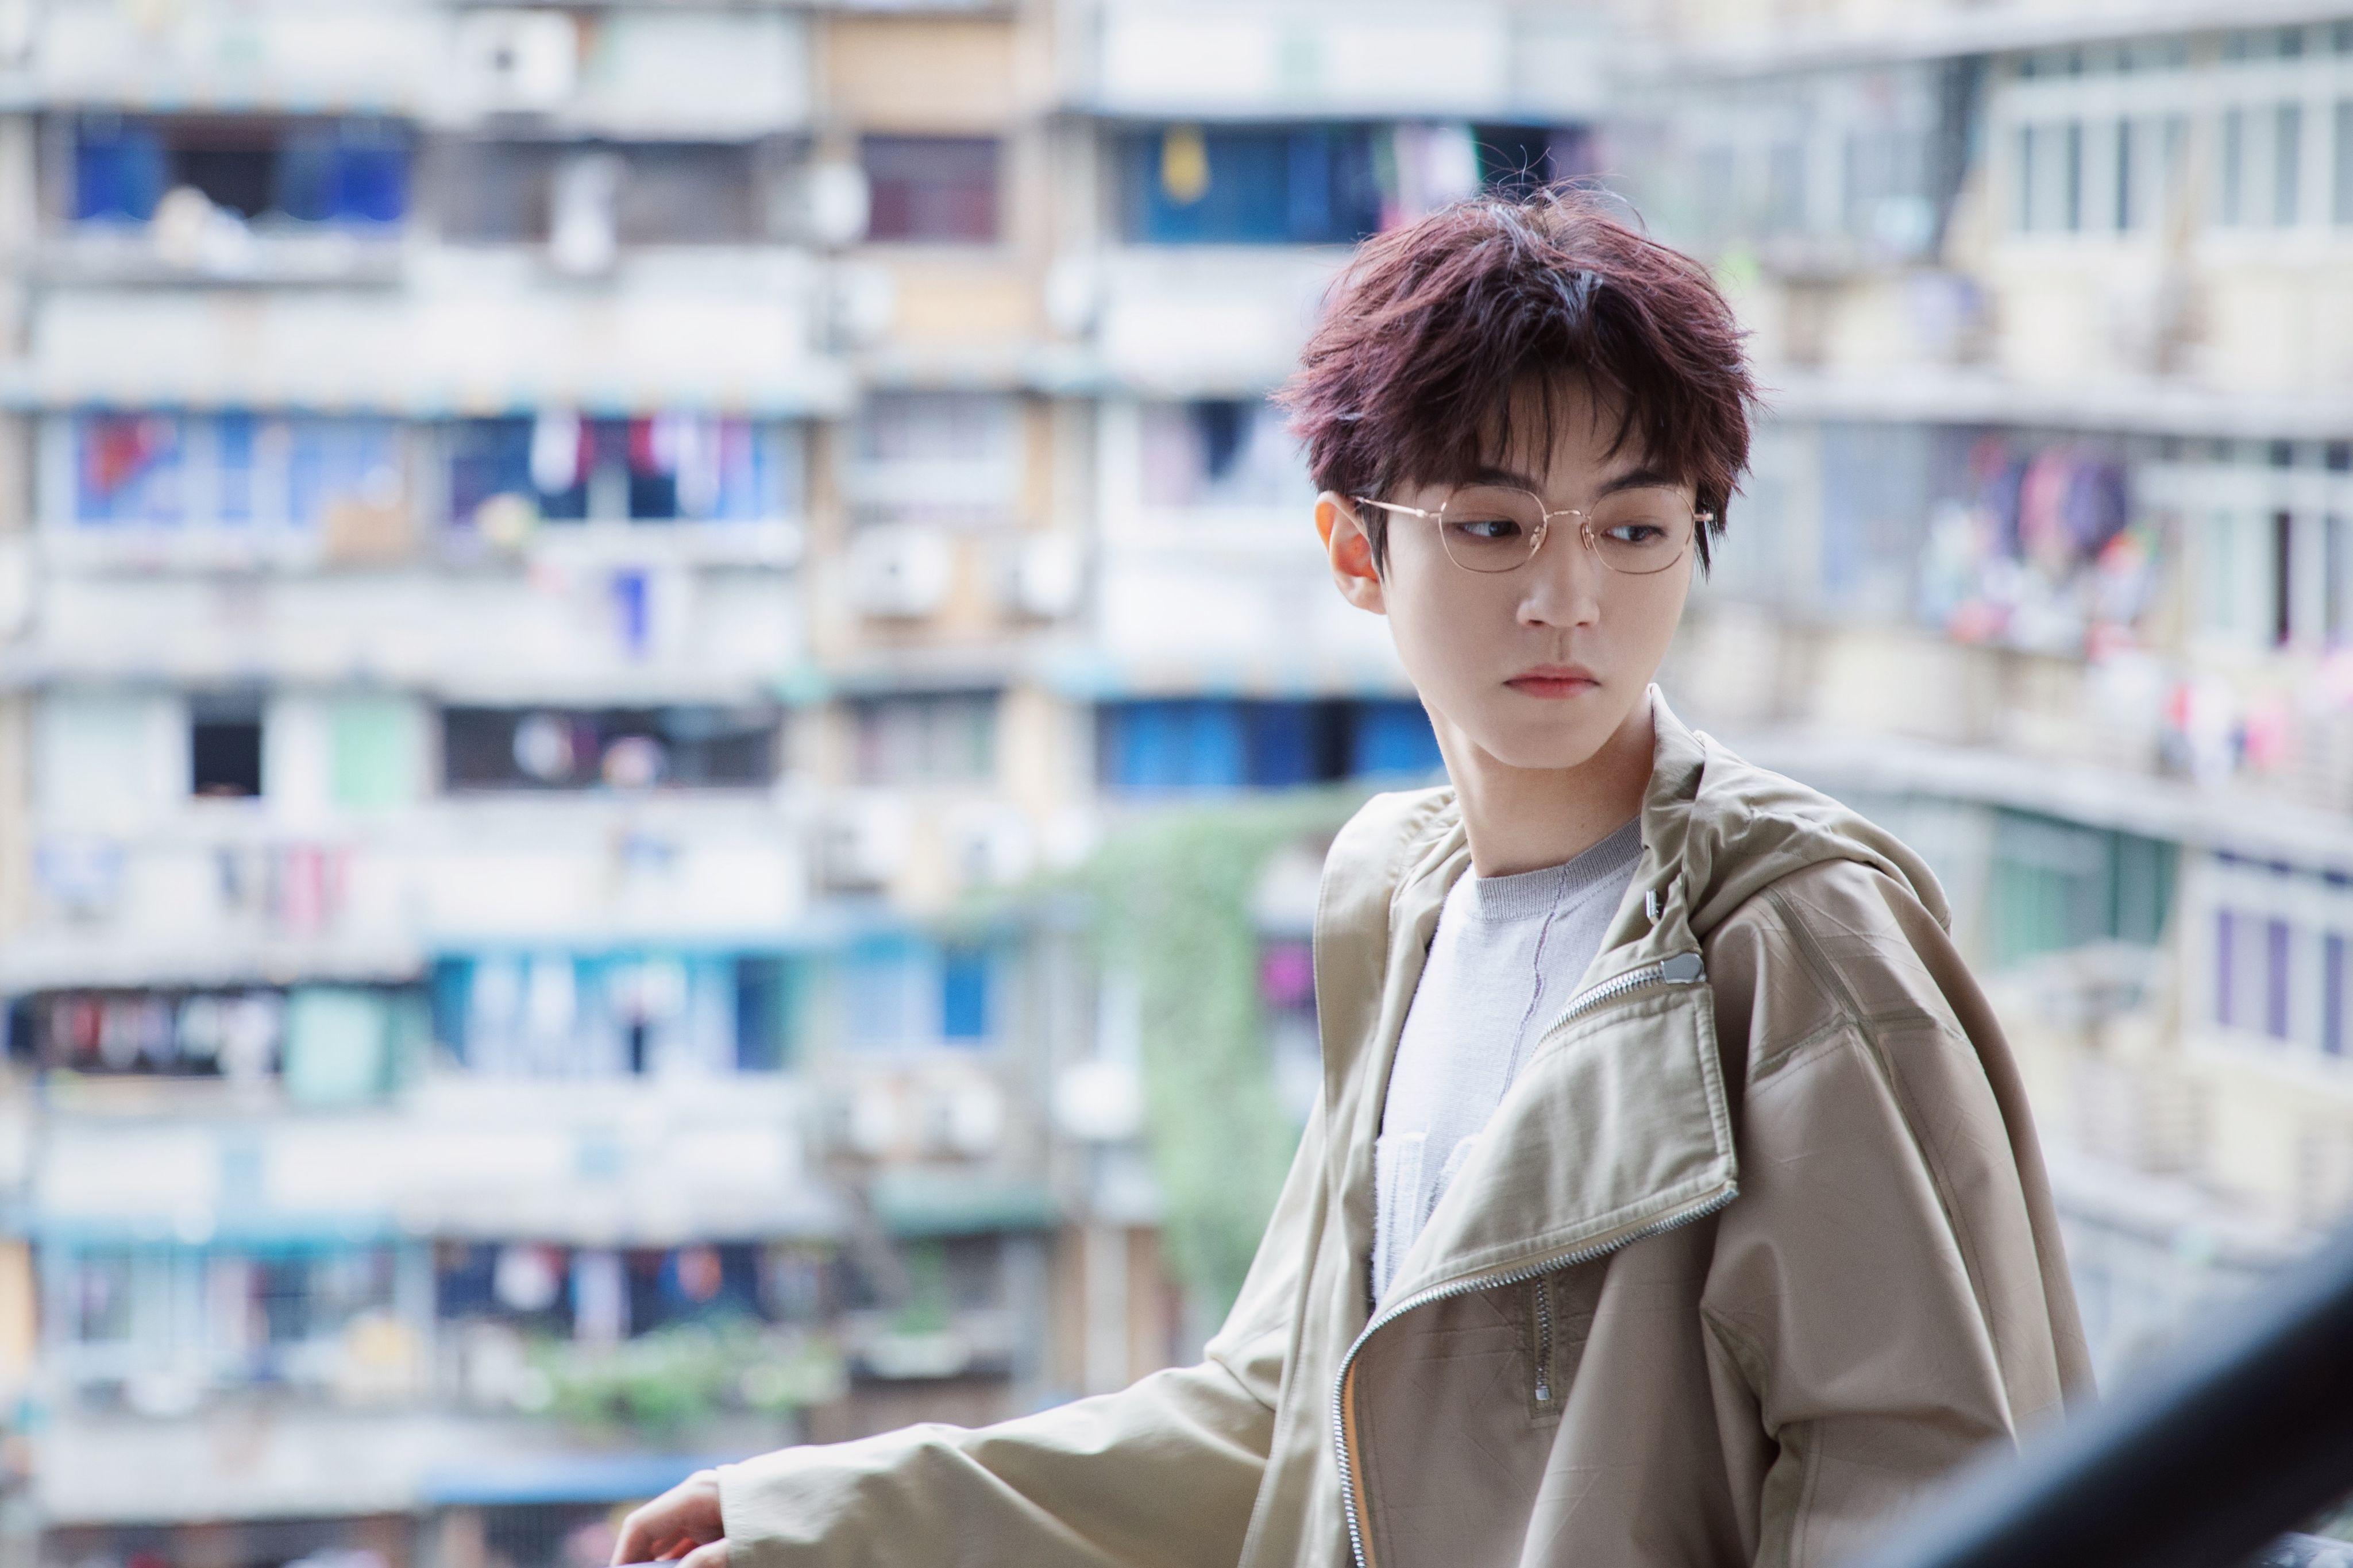 王俊凯以特殊方式走进课堂,代表身份令人骄傲,提高学生积极性